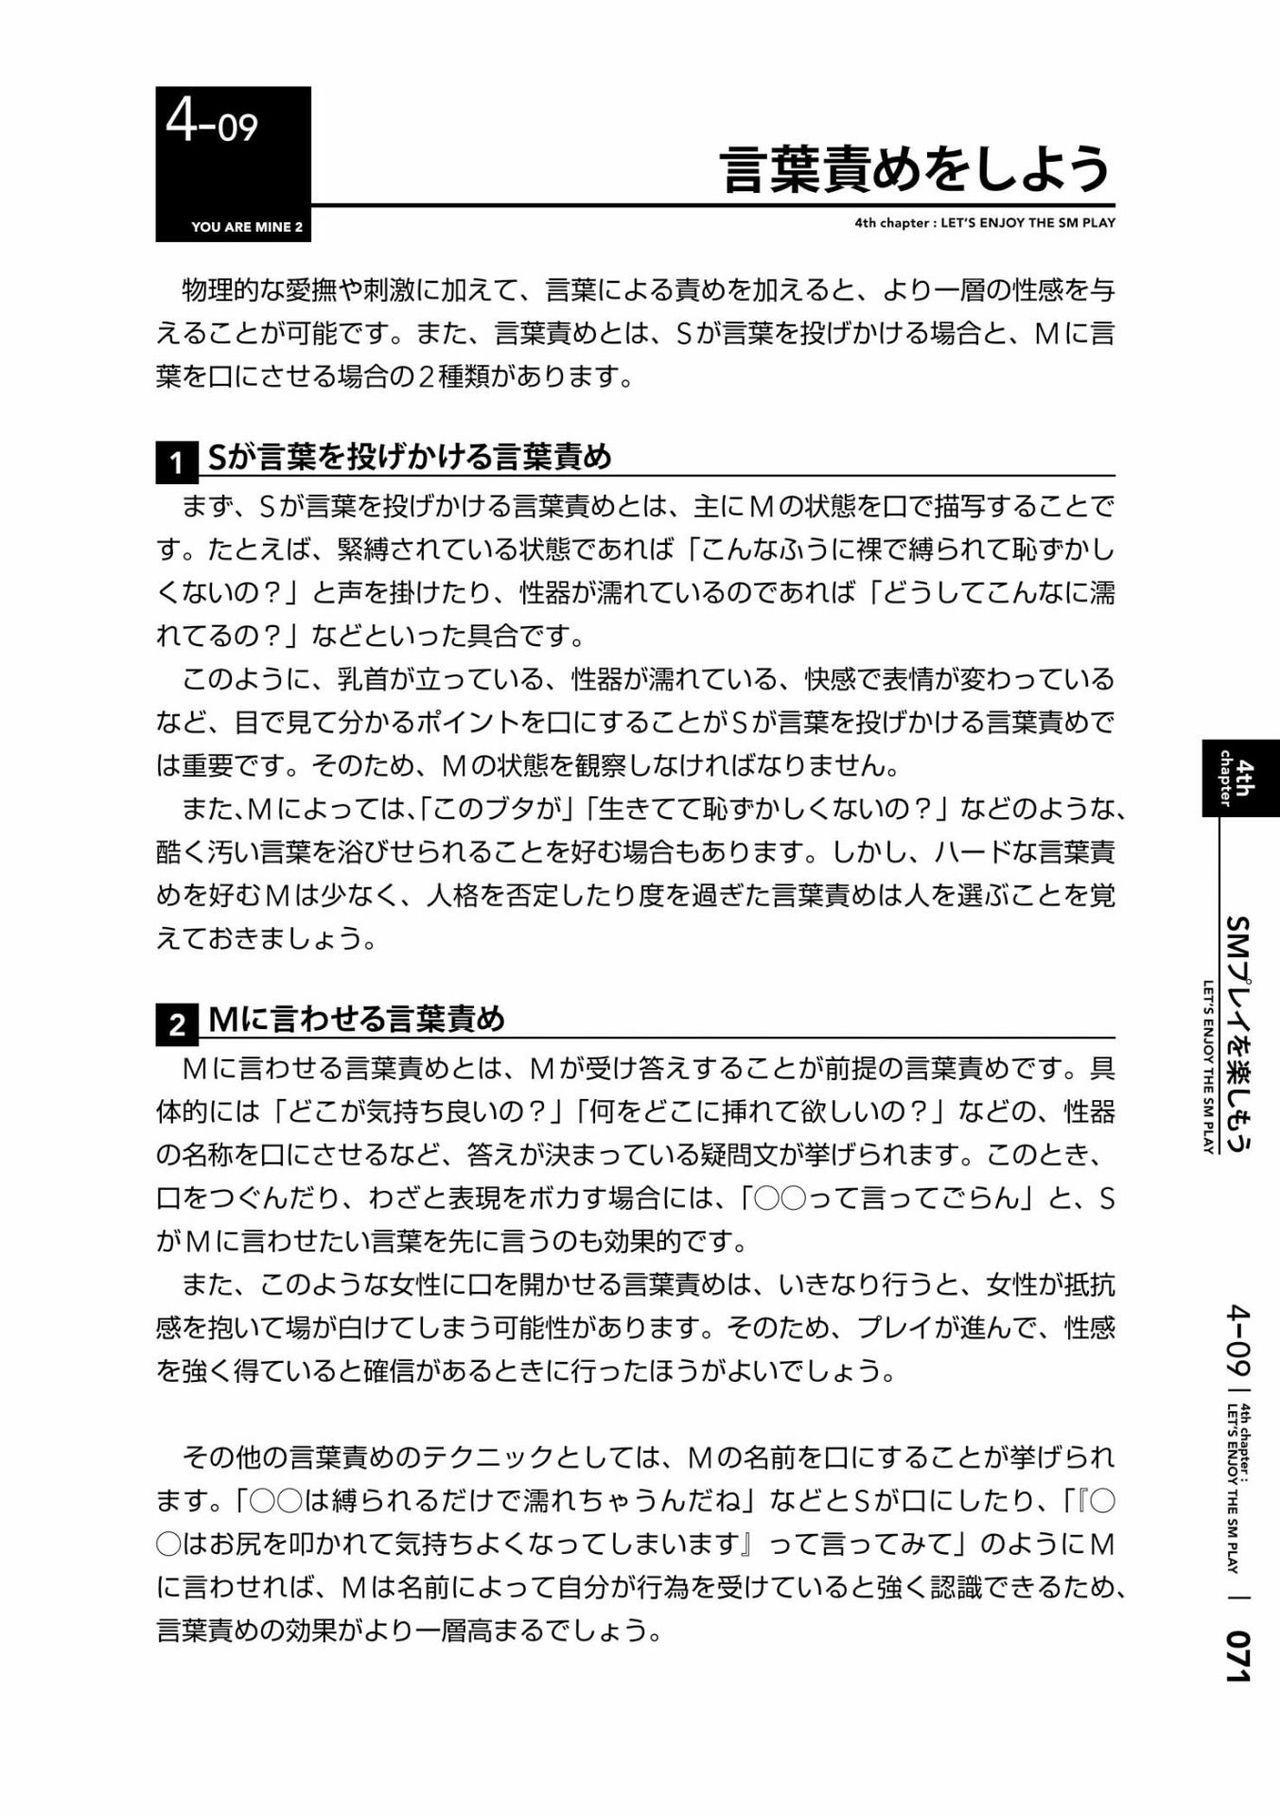 [Mitsuba] Karada mo Kokoro mo Boku no Mono ~Hajimete no SM Guide~ 2 [Digital] 73